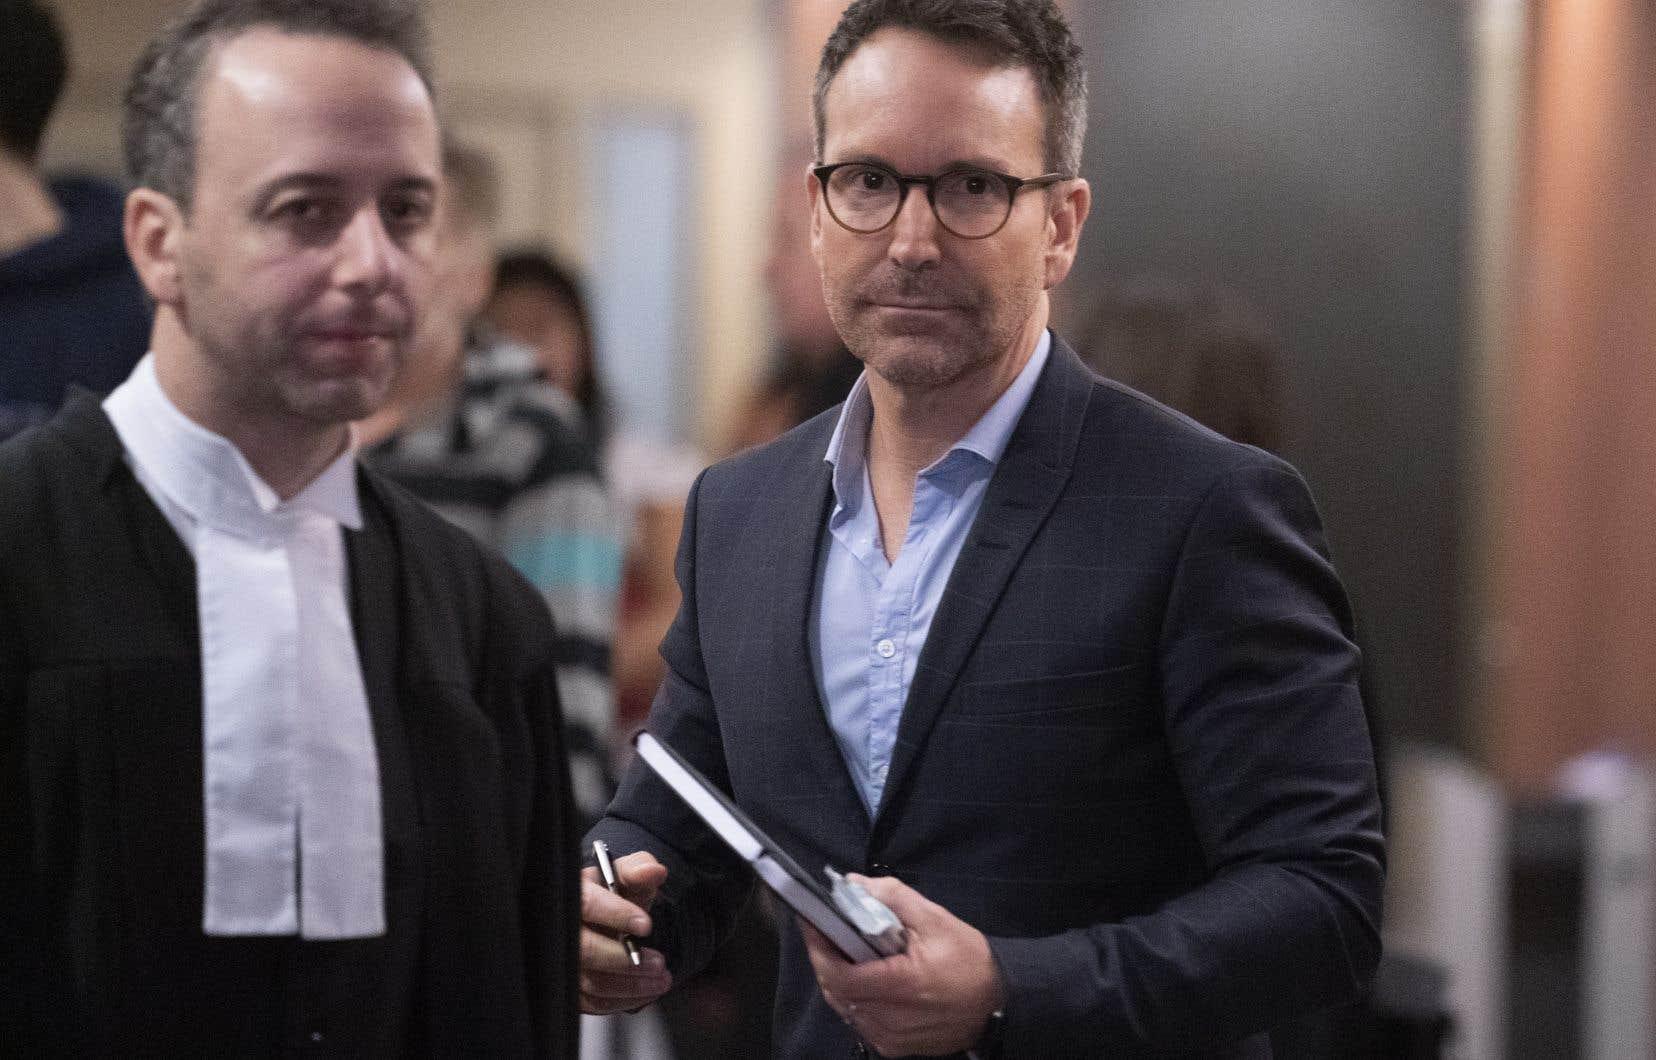 L'accusé, Éric Salvail, que l'on voit avec un de ses avocats, est apparu détendu au palais de justice de Montréal, où s'est ouvert lundi son procès pour harcèlement criminel et agression sexuelle.